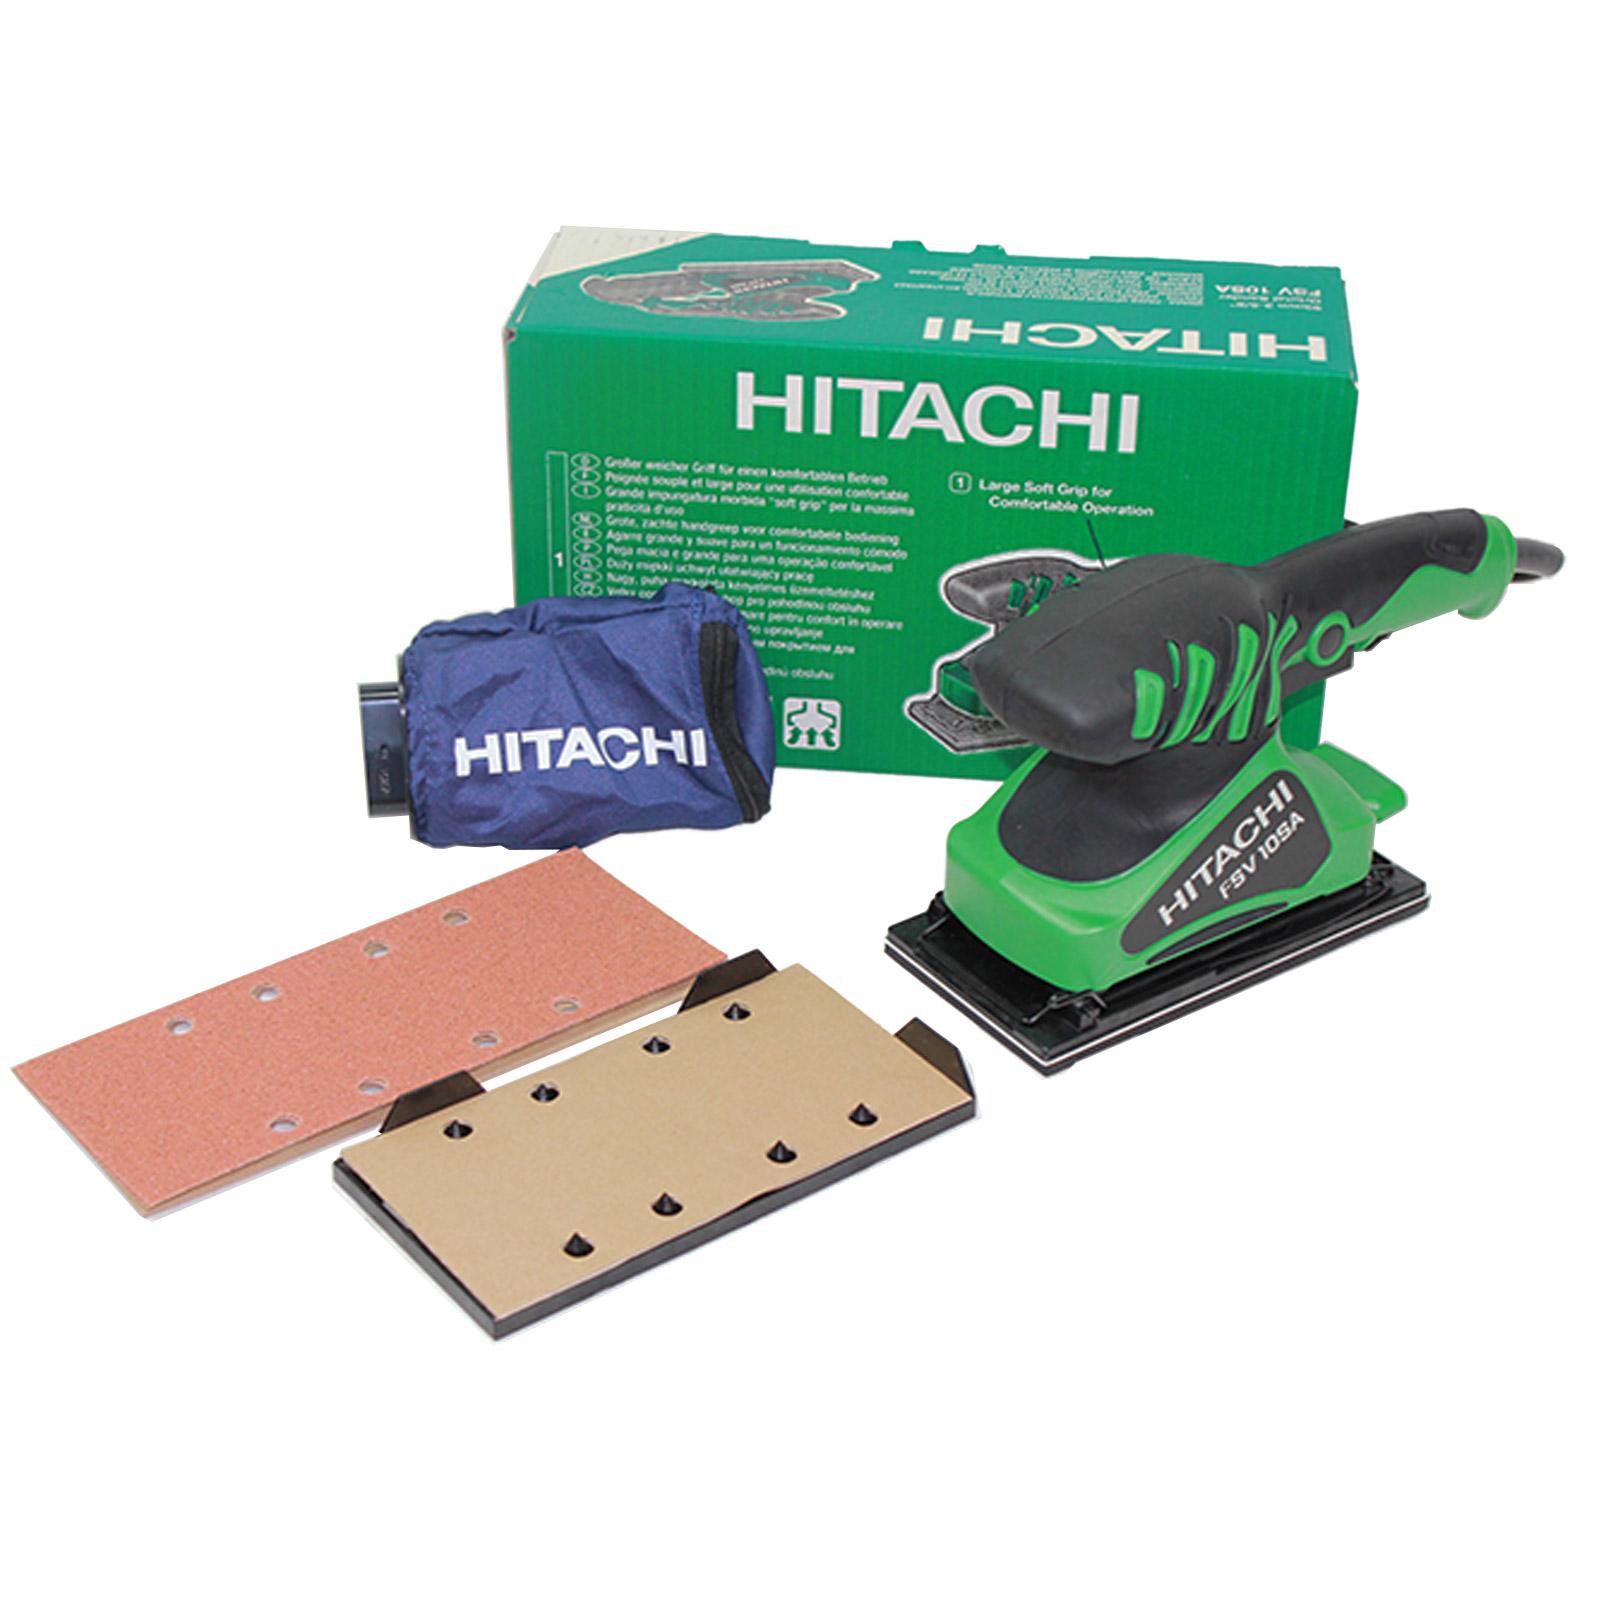 Hitachi Schwingschleifer - FSV10SA / 180W, Staubsack,6x Schleifpapier